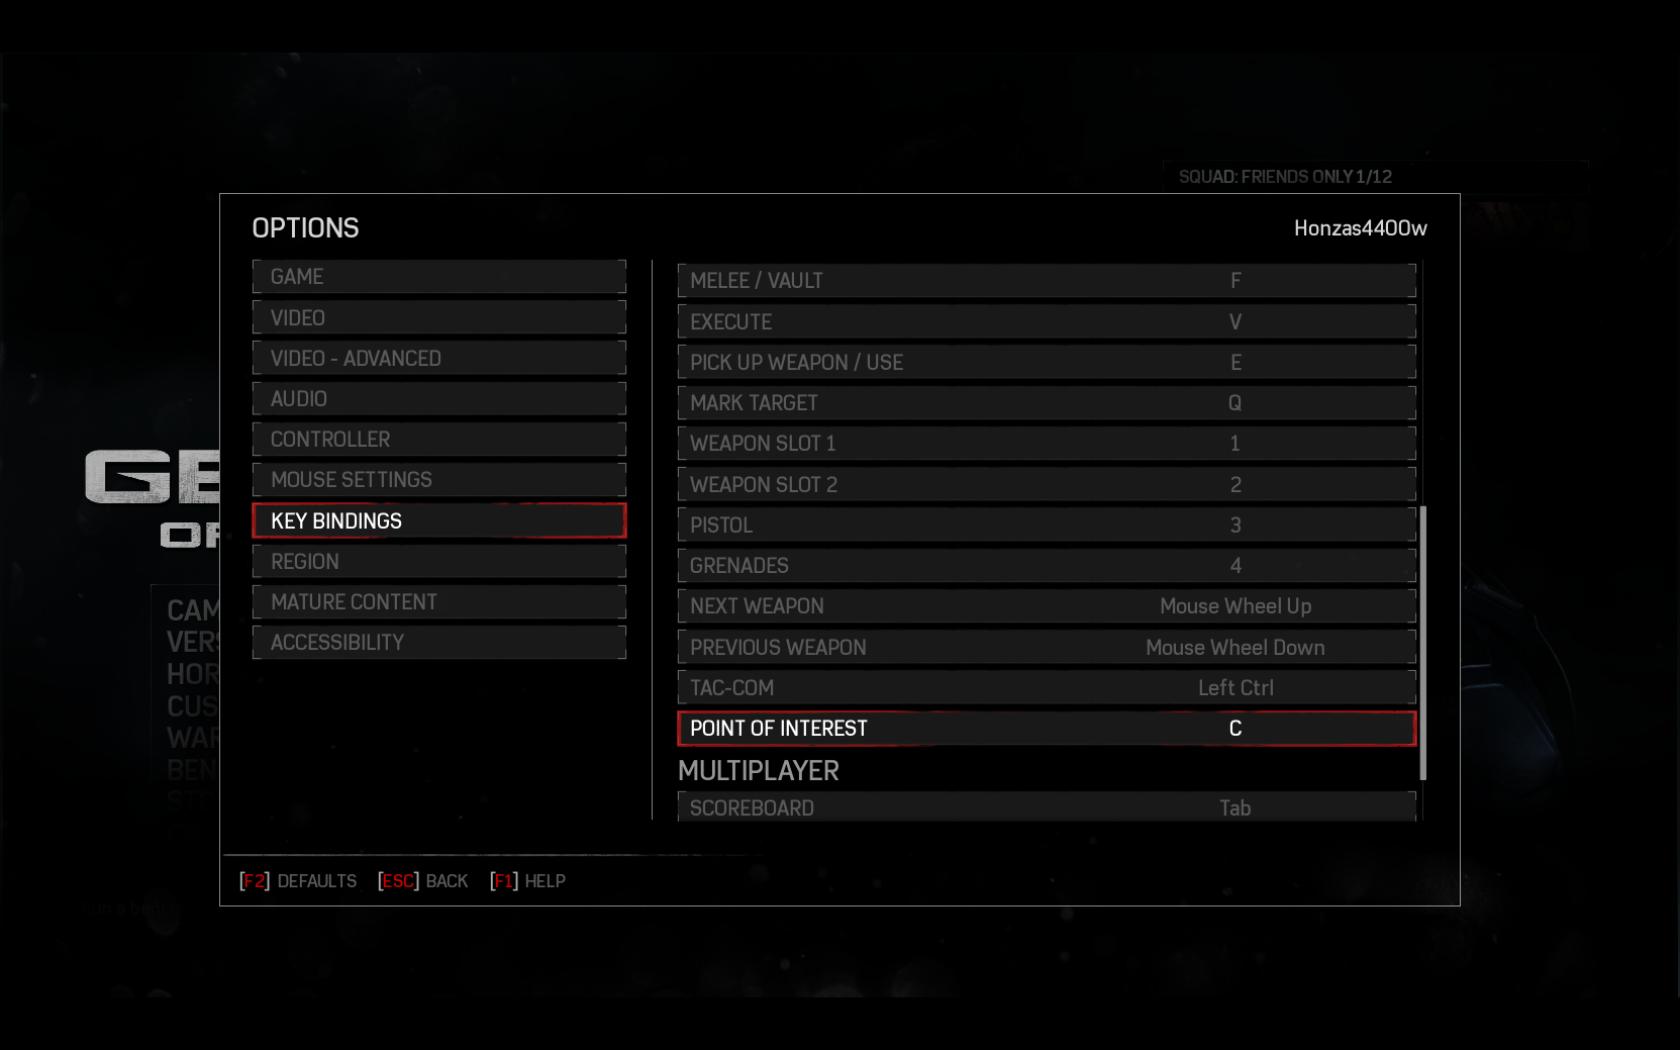 PC verze Gears of War 4 si zaslouží velkou pochvalu 131667